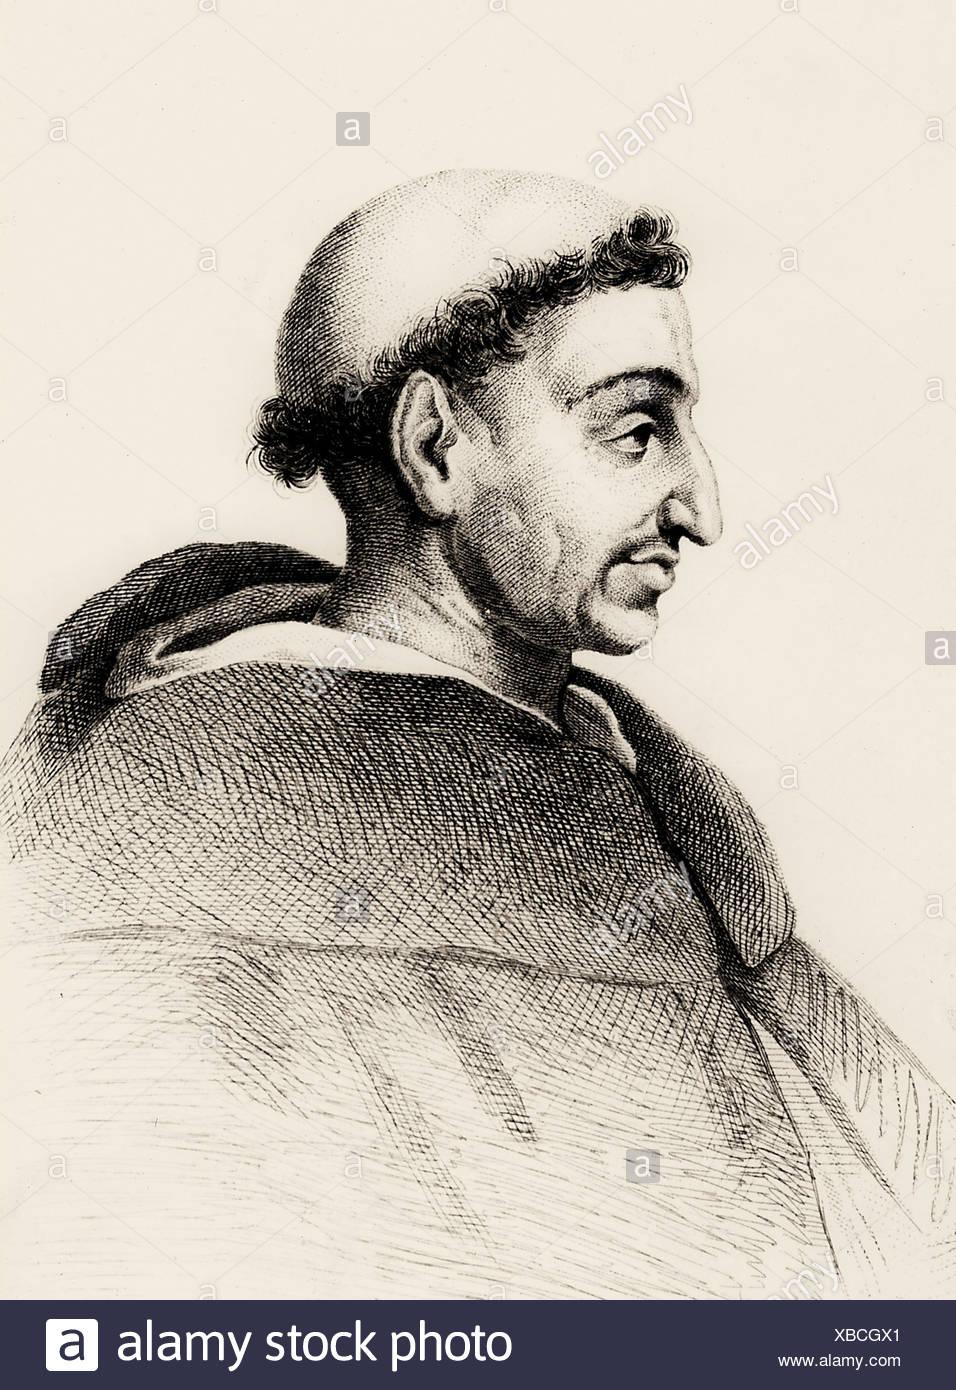 Girolamo Savonarola, 21.9.1452 - 23.5.1498, clérigo Italiano, retrato, después del grabado, siglo XVIII, tonsura, tonsura, reformada Foto de stock